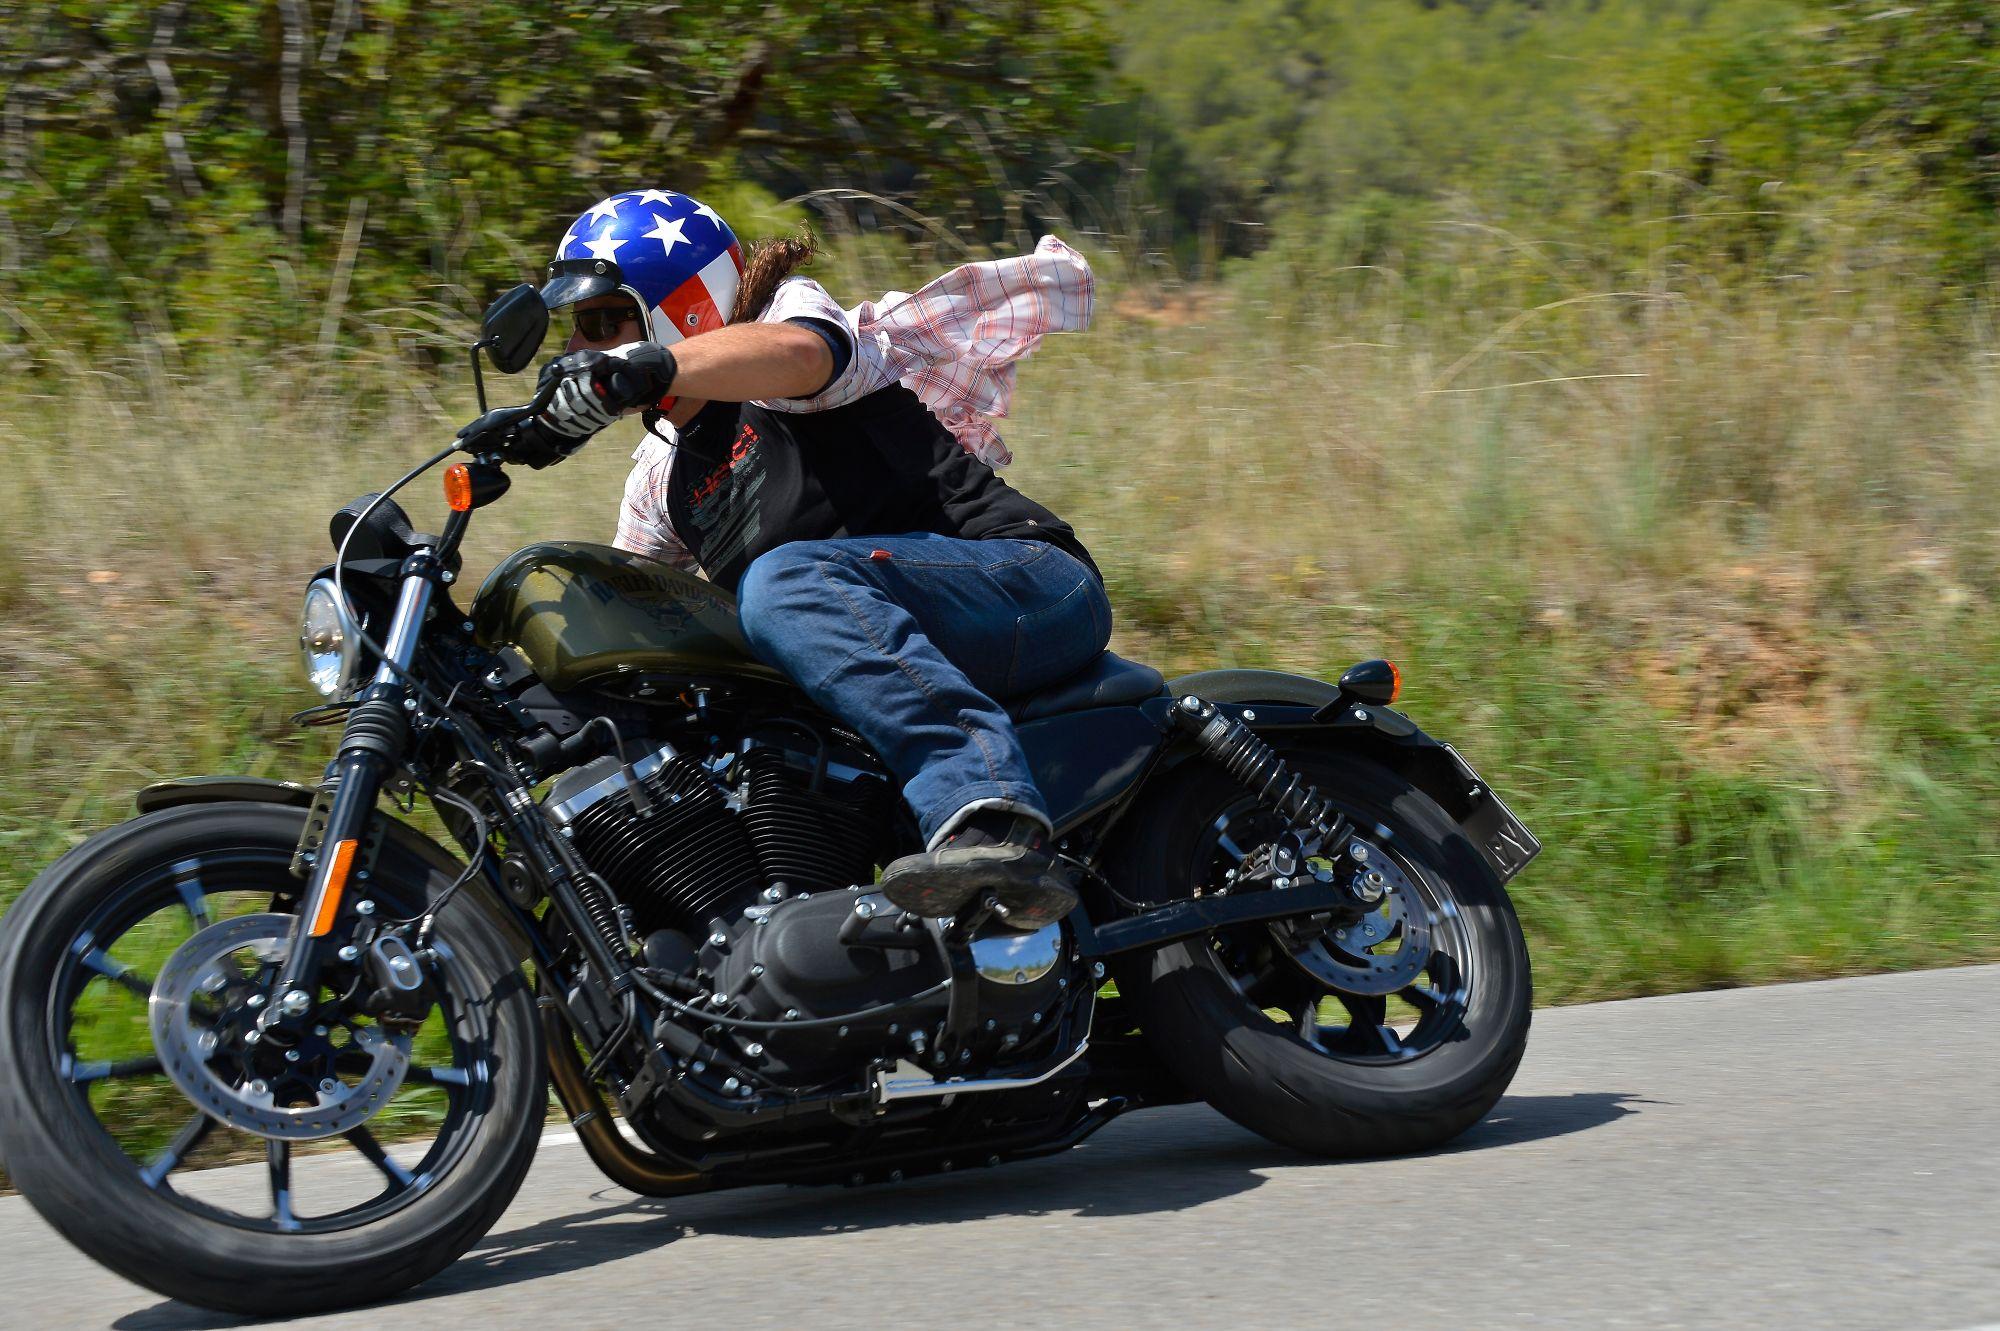 Harley Davidson Roadster Price In India